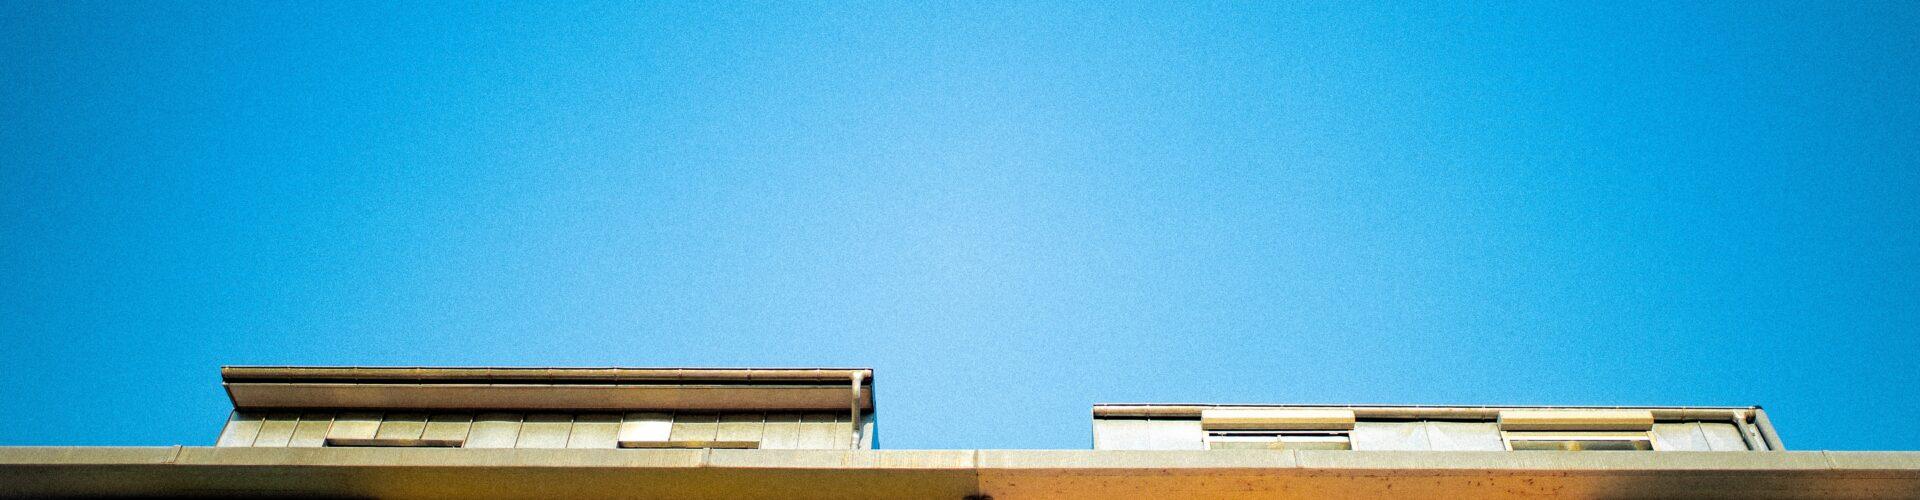 Portsmouth Landlords Energy Regs